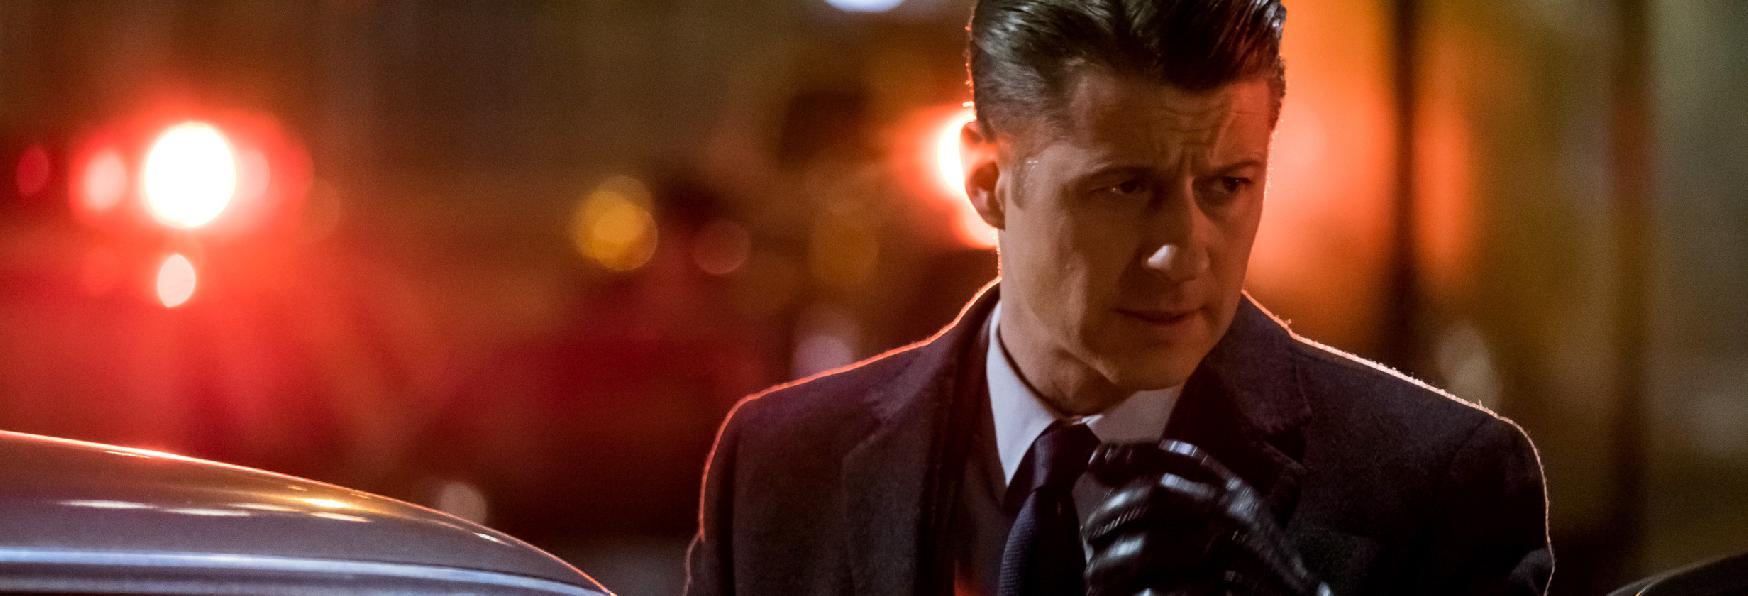 Gotham: annunciata la Data di Rilascio dell'Ultima Stagione